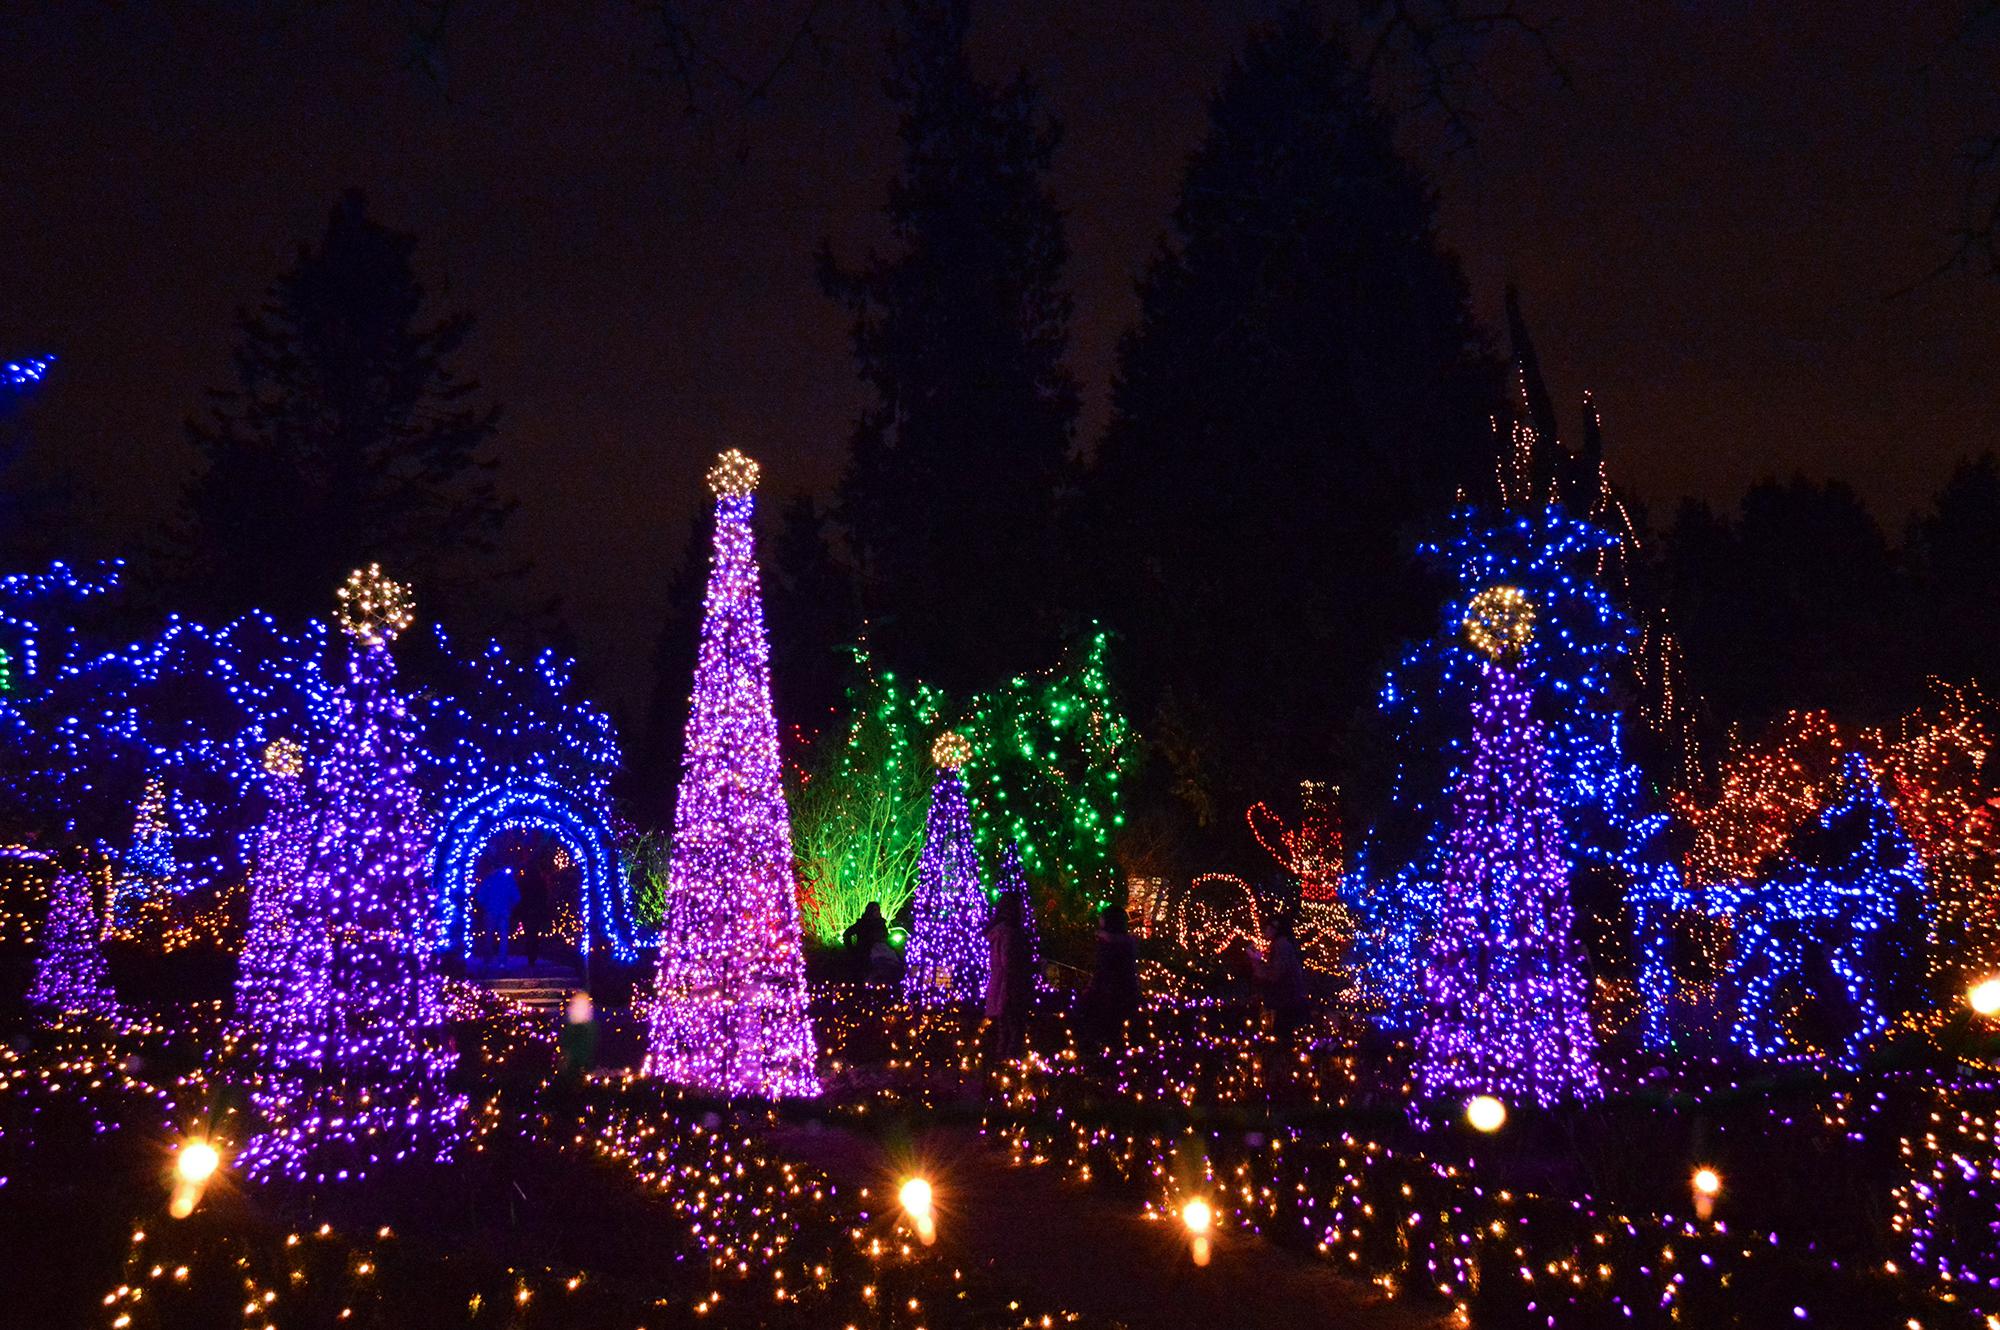 Festival of Lights at VanDusen Botanical Garden.